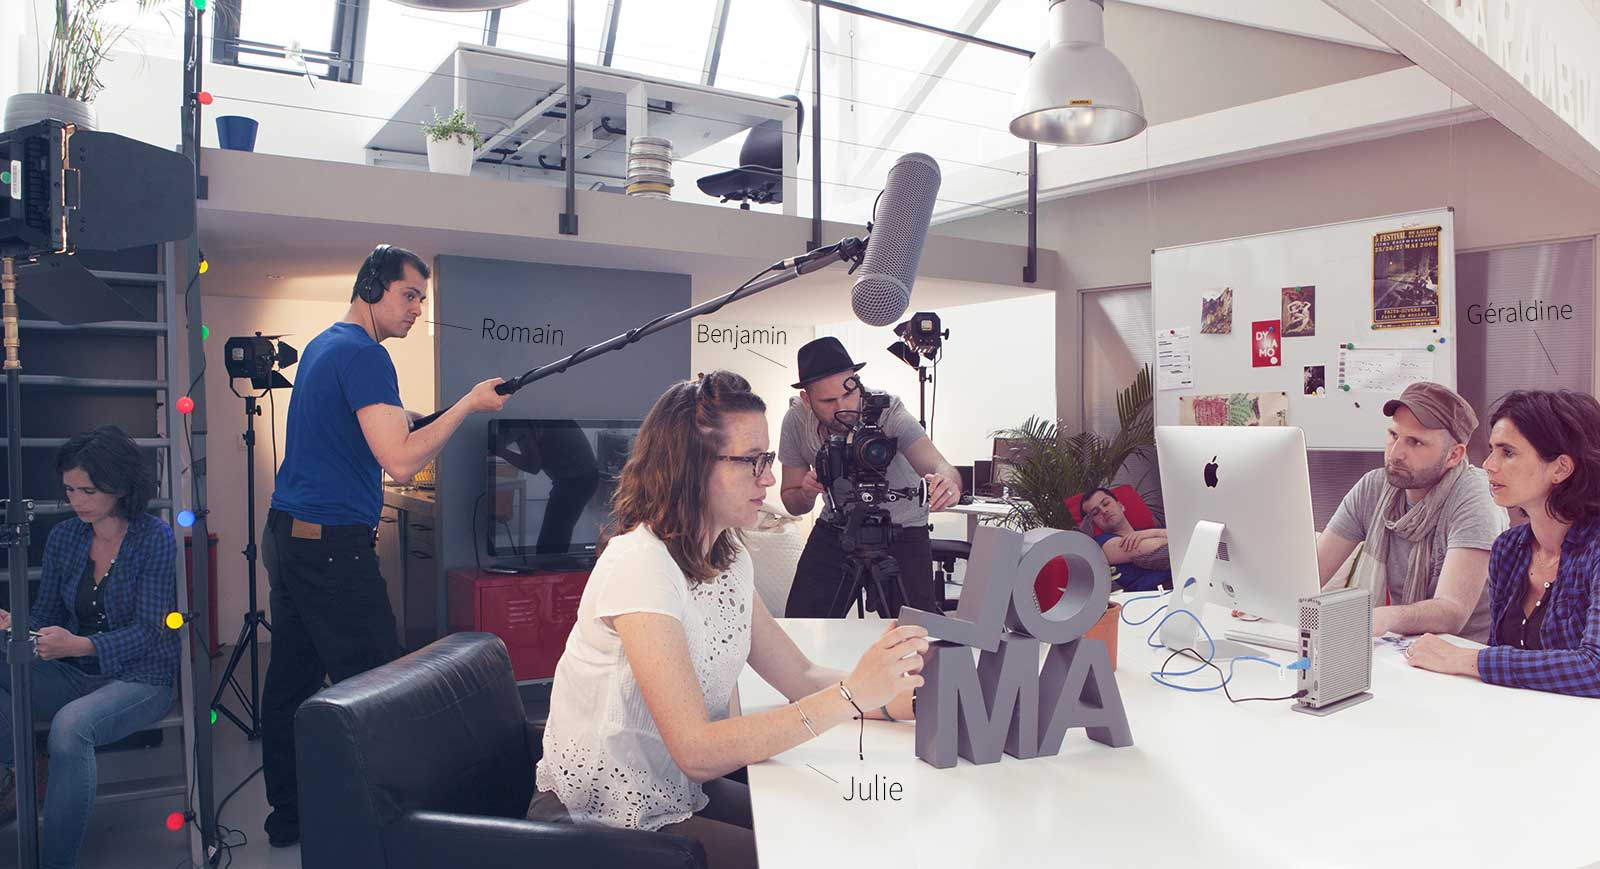 Olam Productions - Accompagnement et réalisation Wordpress. De magnifiques réalisations chez Olam. Allez voir.